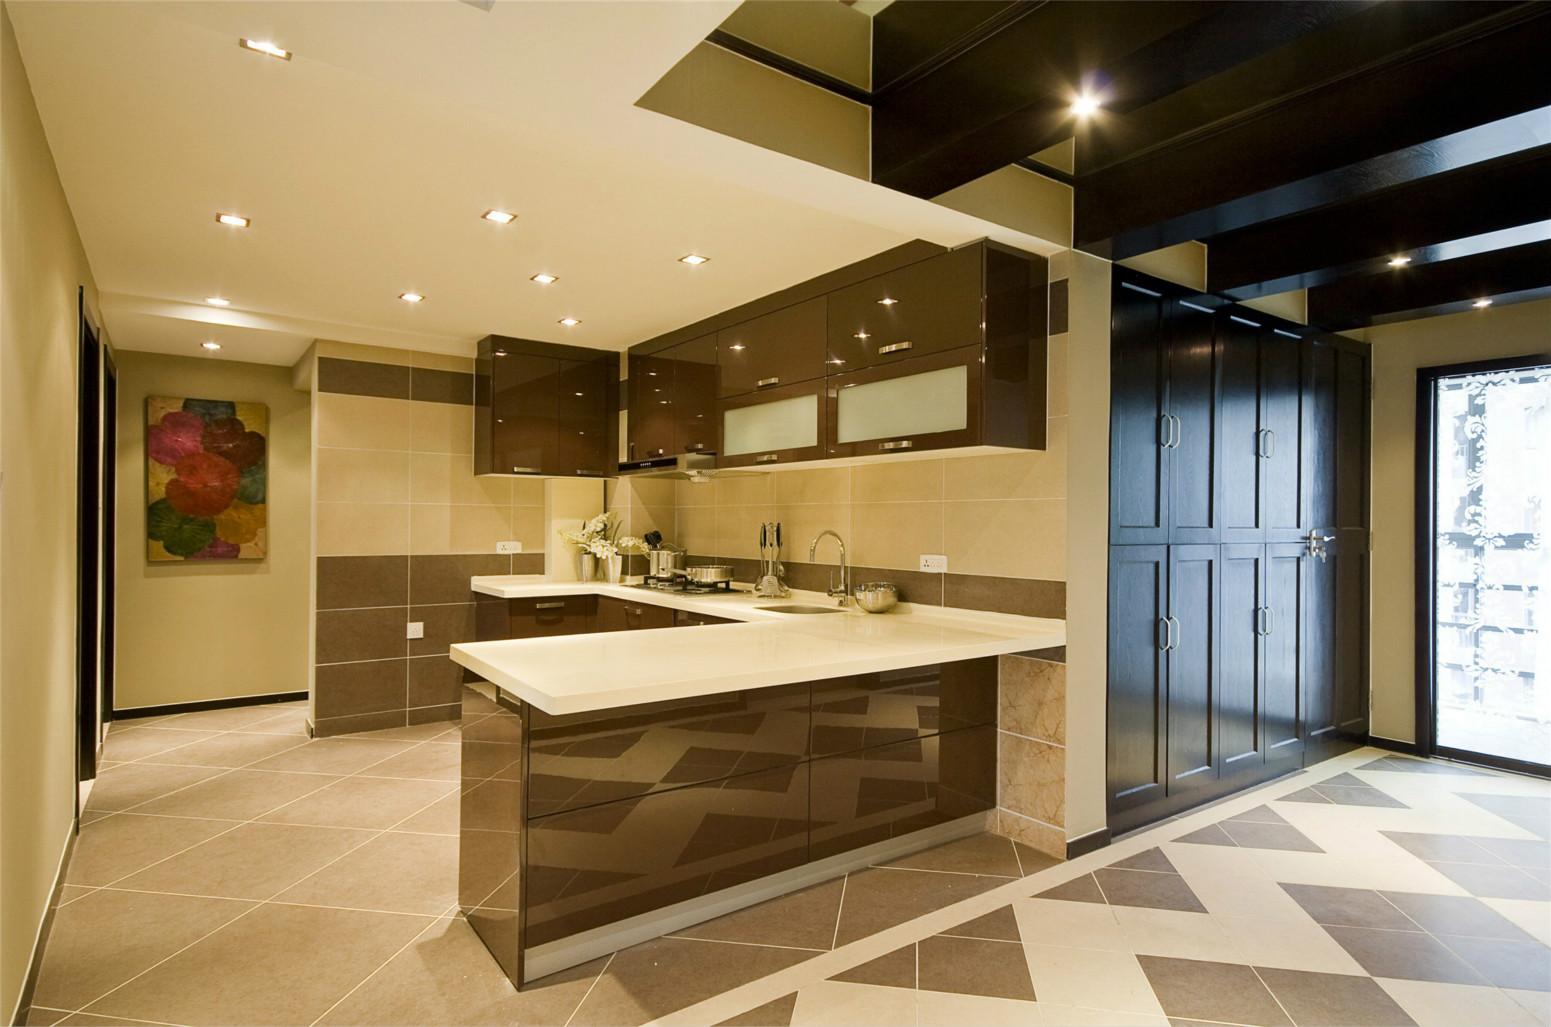 厨房整体干净整洁收纳空间很是充足,便于女主放置家用品